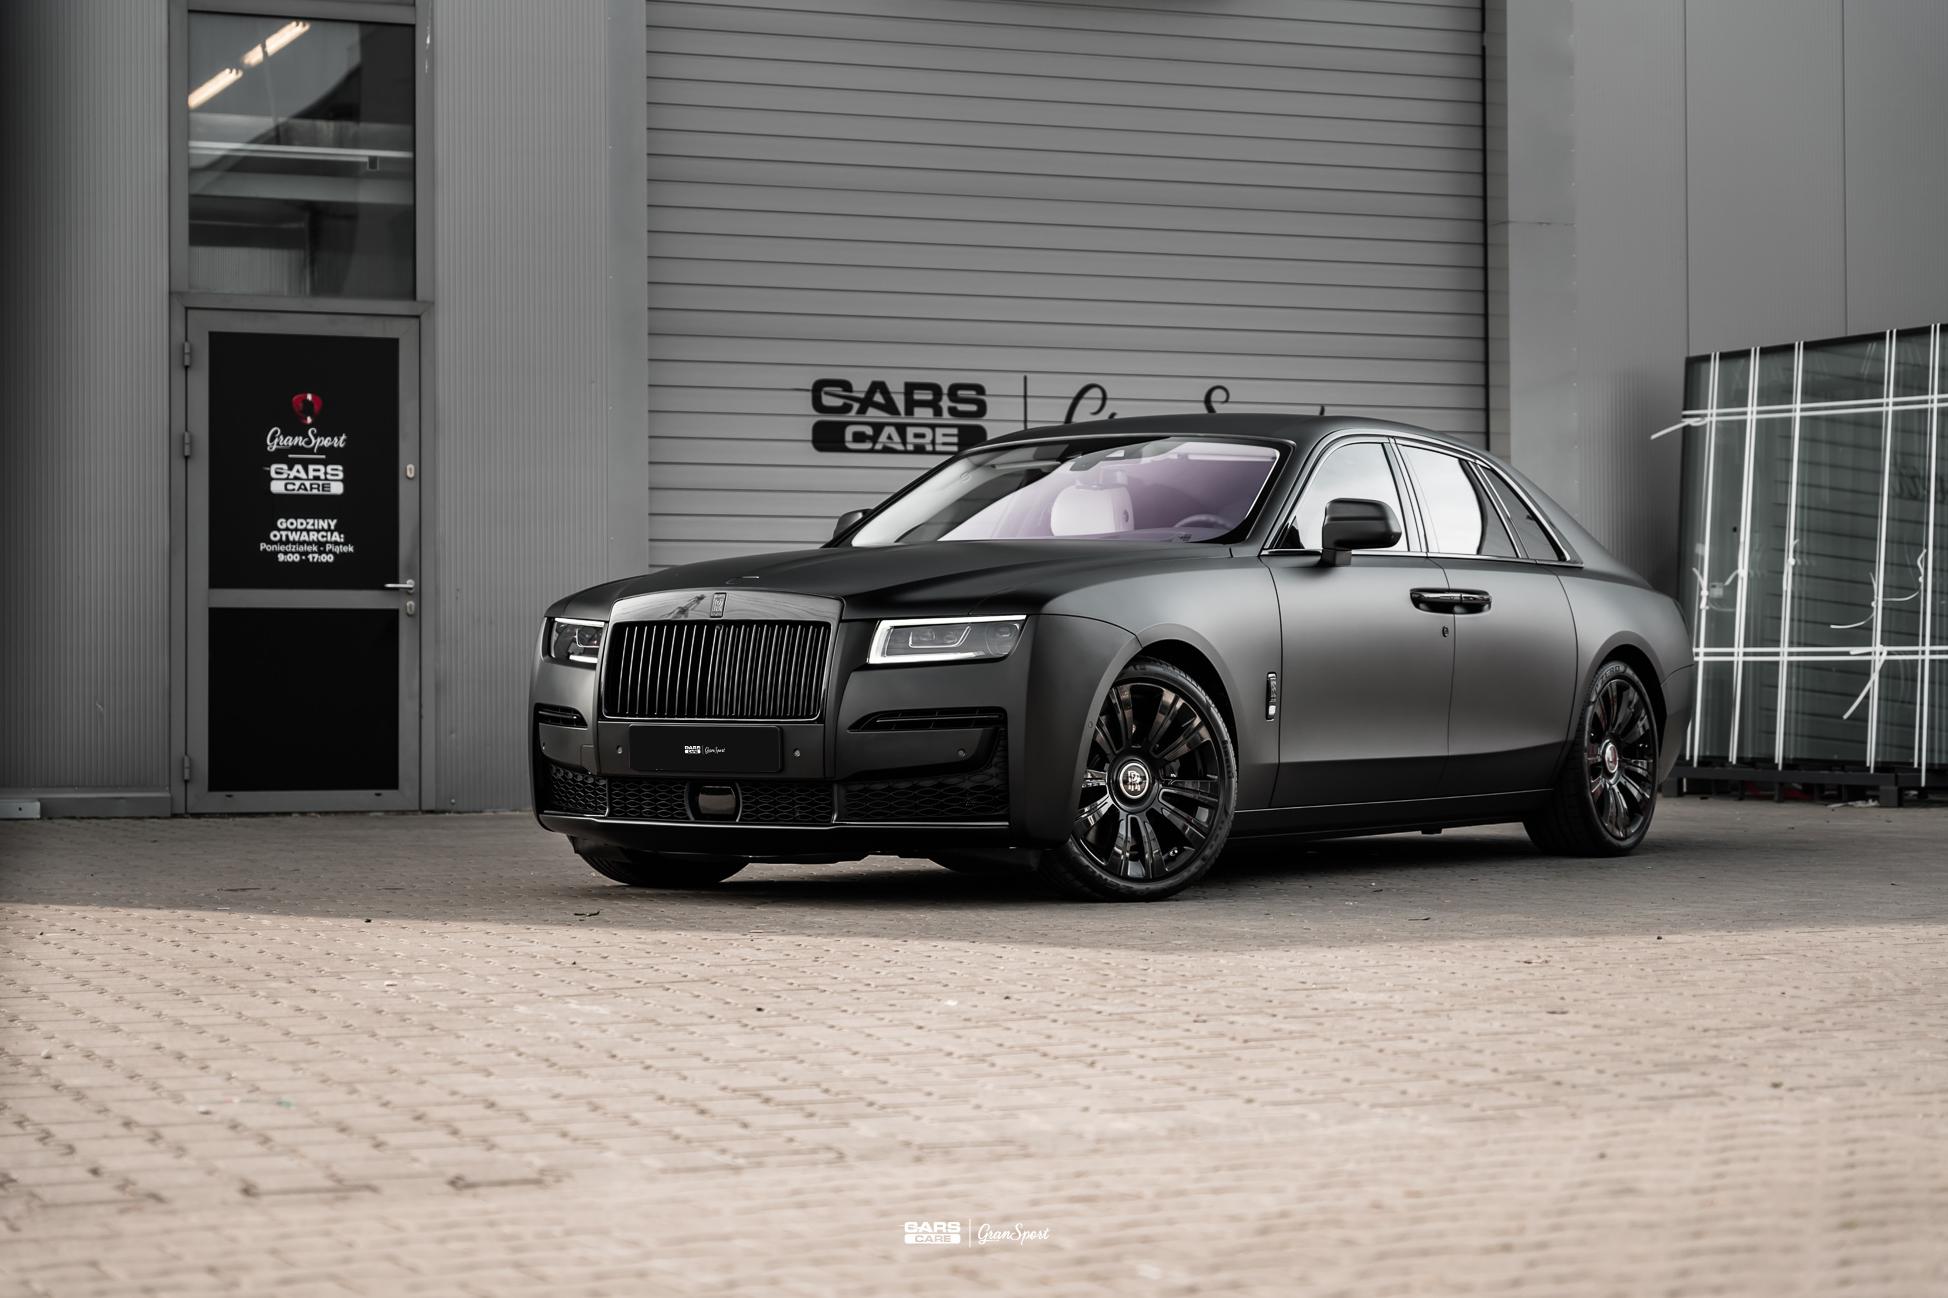 Rolls-Royce Ghost II - Zmiana koloru auta folią - carscare.pl